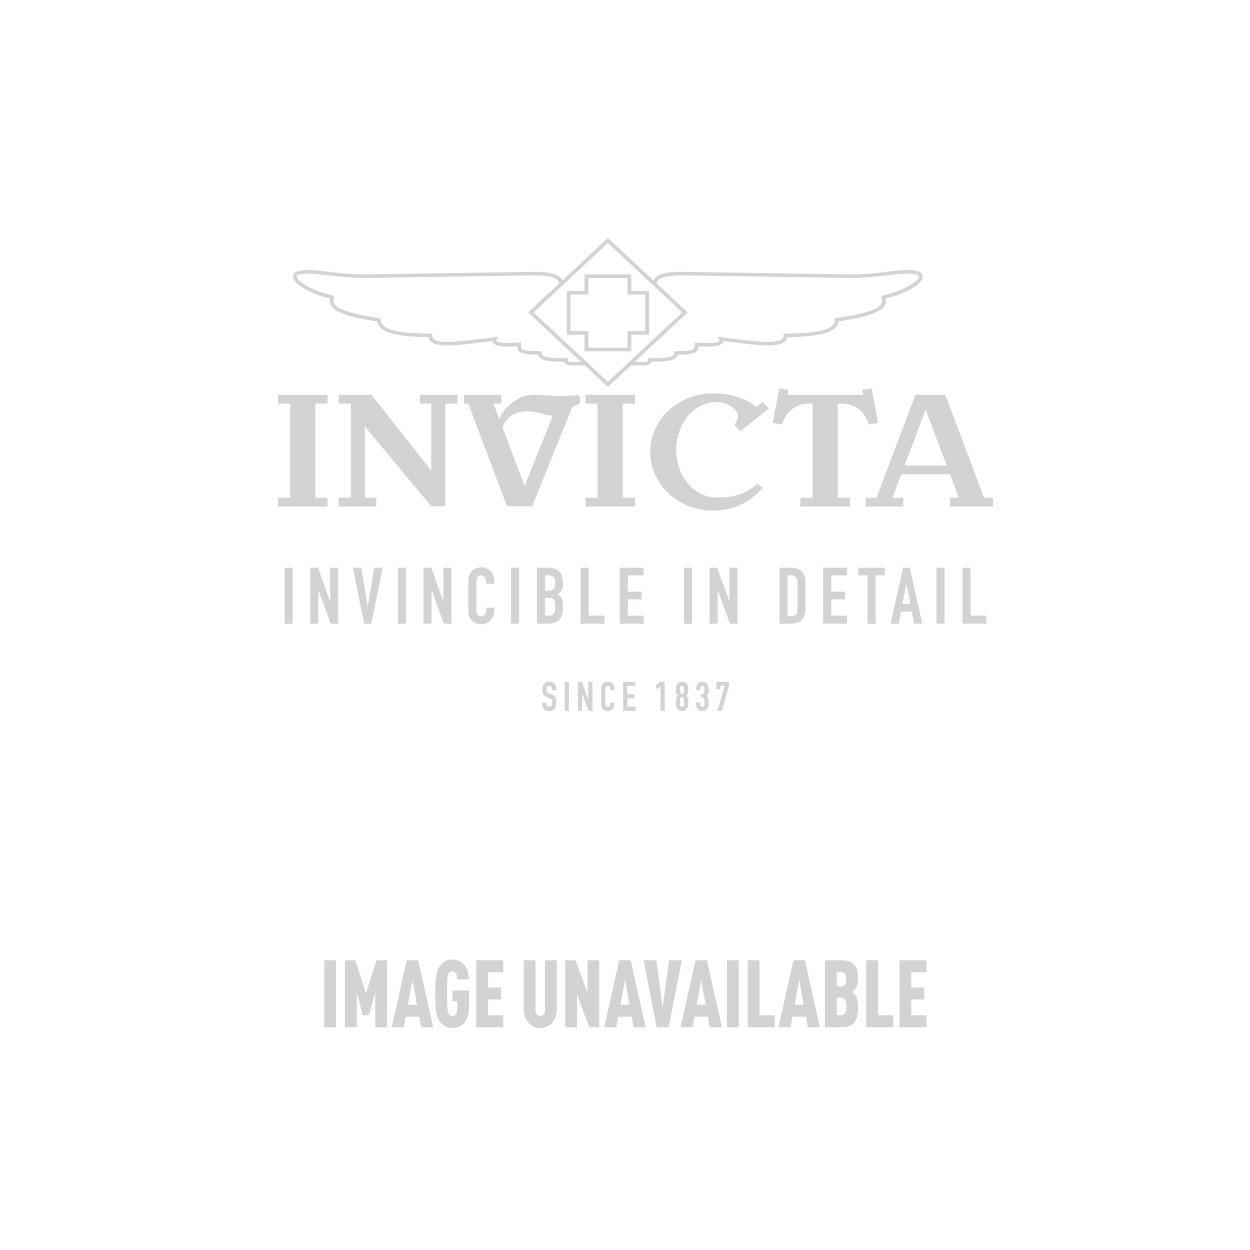 Invicta Model 28554